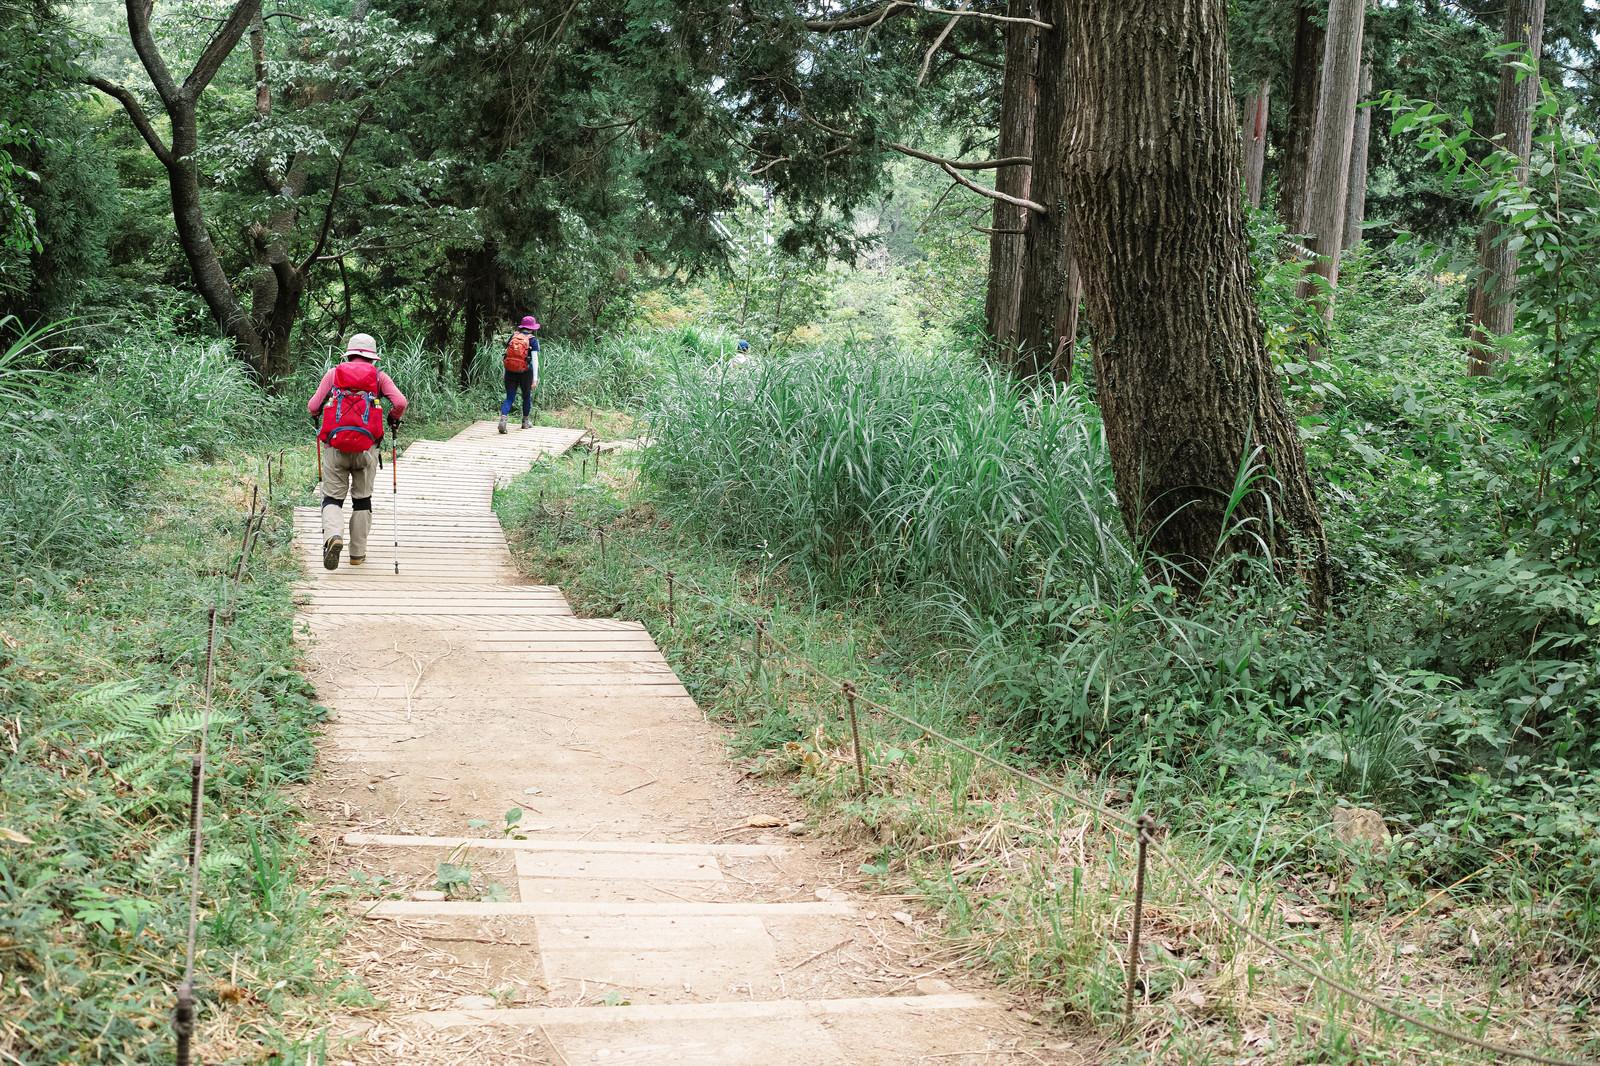 「階段状の木道を進む登山者(高尾山)」の写真